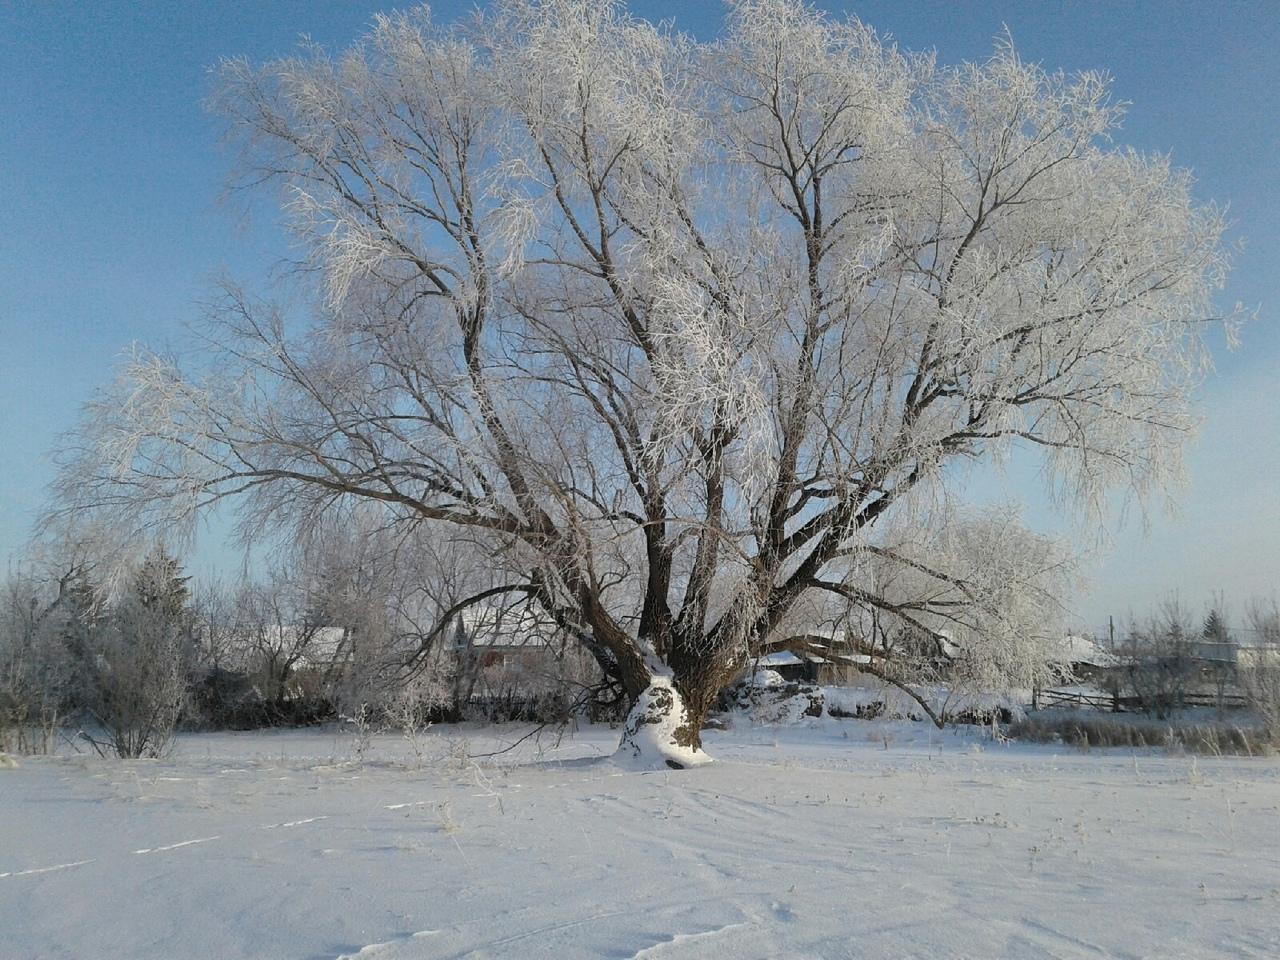 Омская область попала под «колпак» антициклона: будет холодно, но солнечно #Омск #Общество #Сегодня